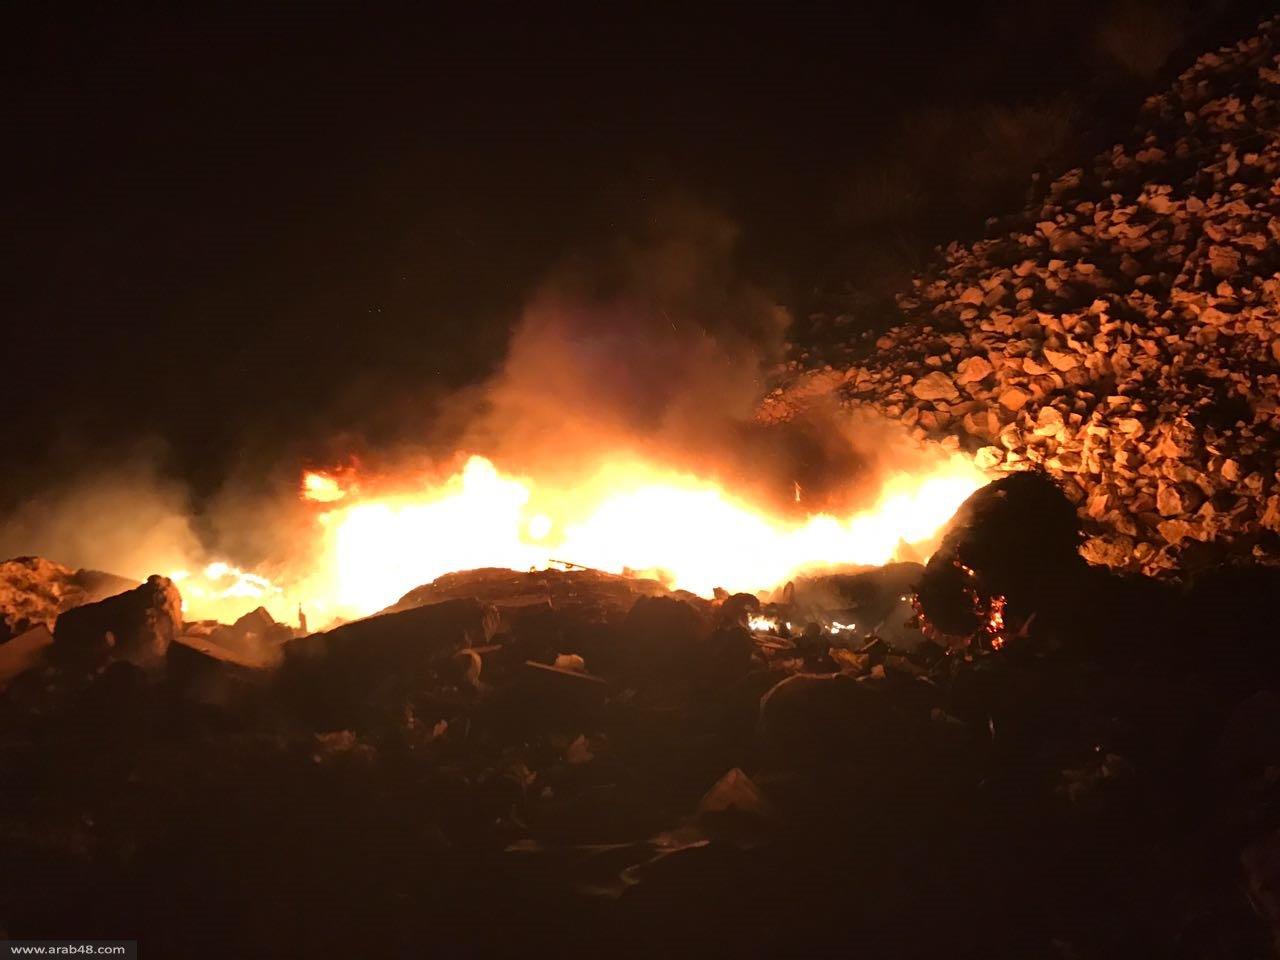 الحرائق تحاصر الشاغور وإخلاء منازل في نحف